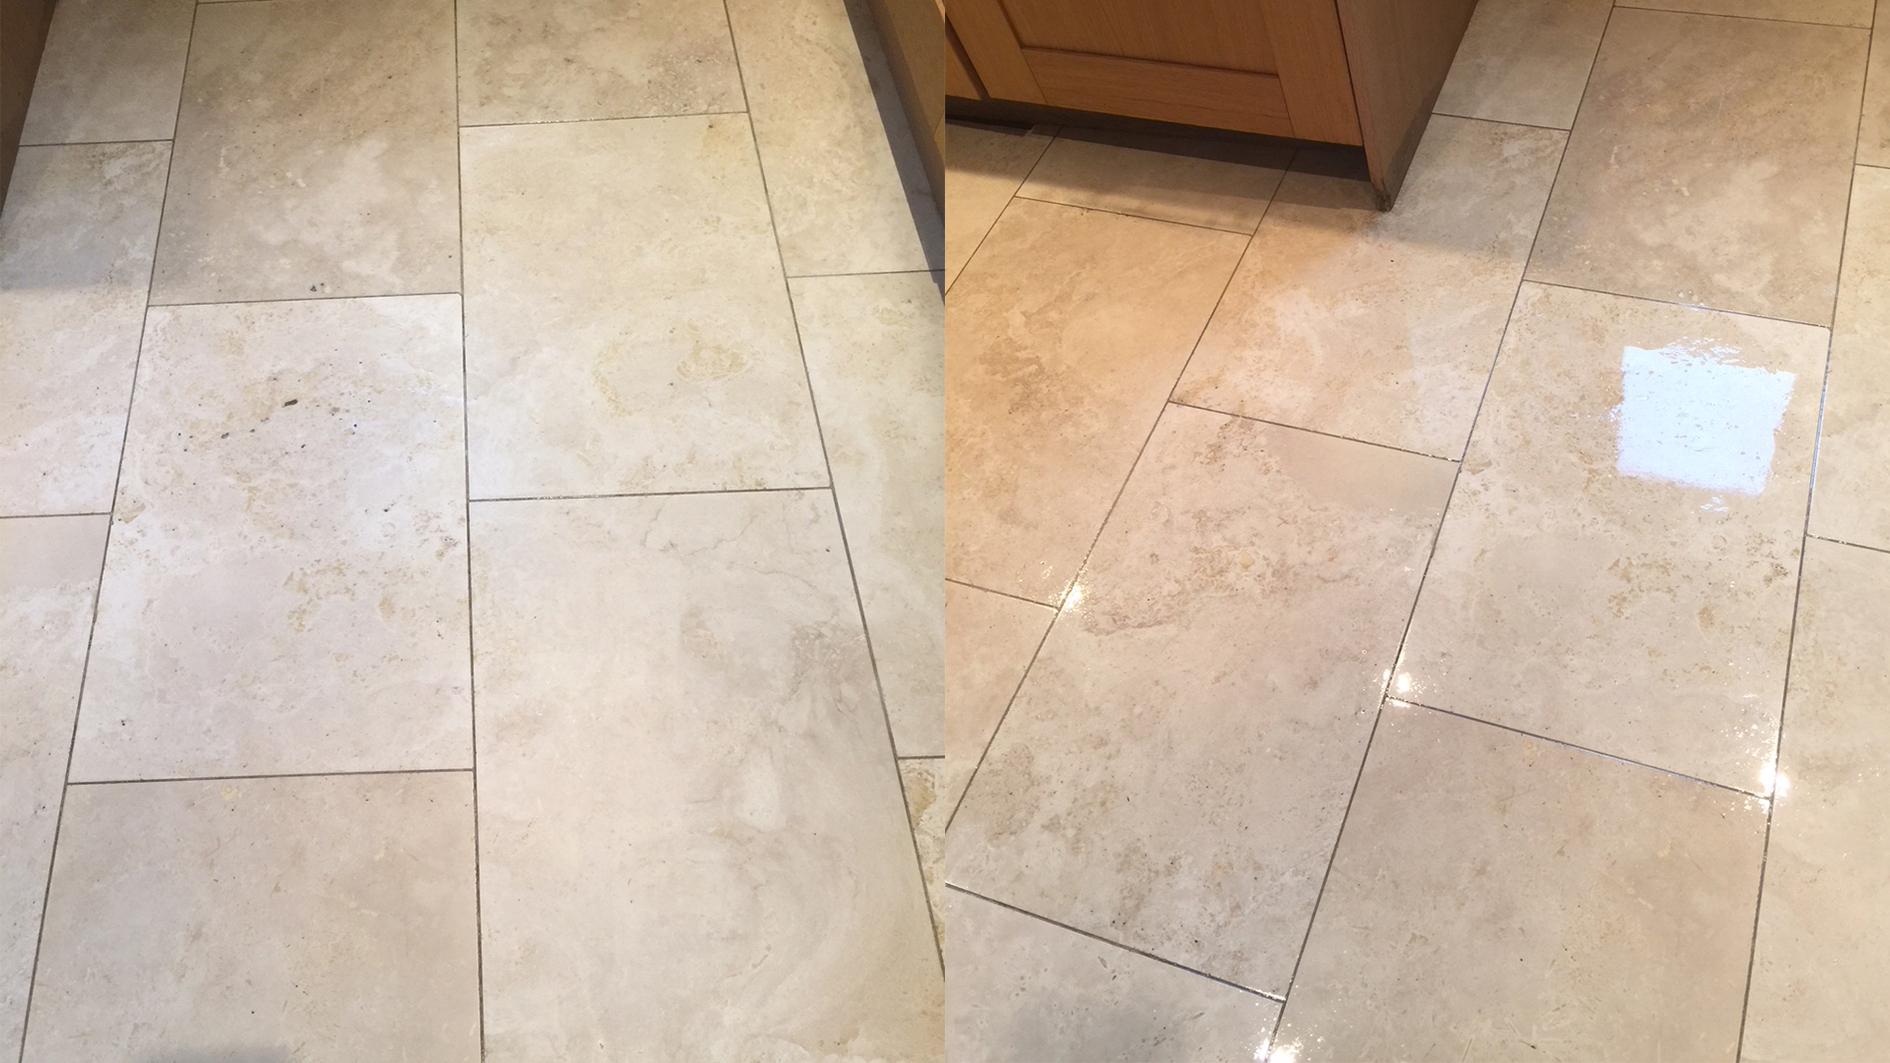 Kitchen floor deep cleaned